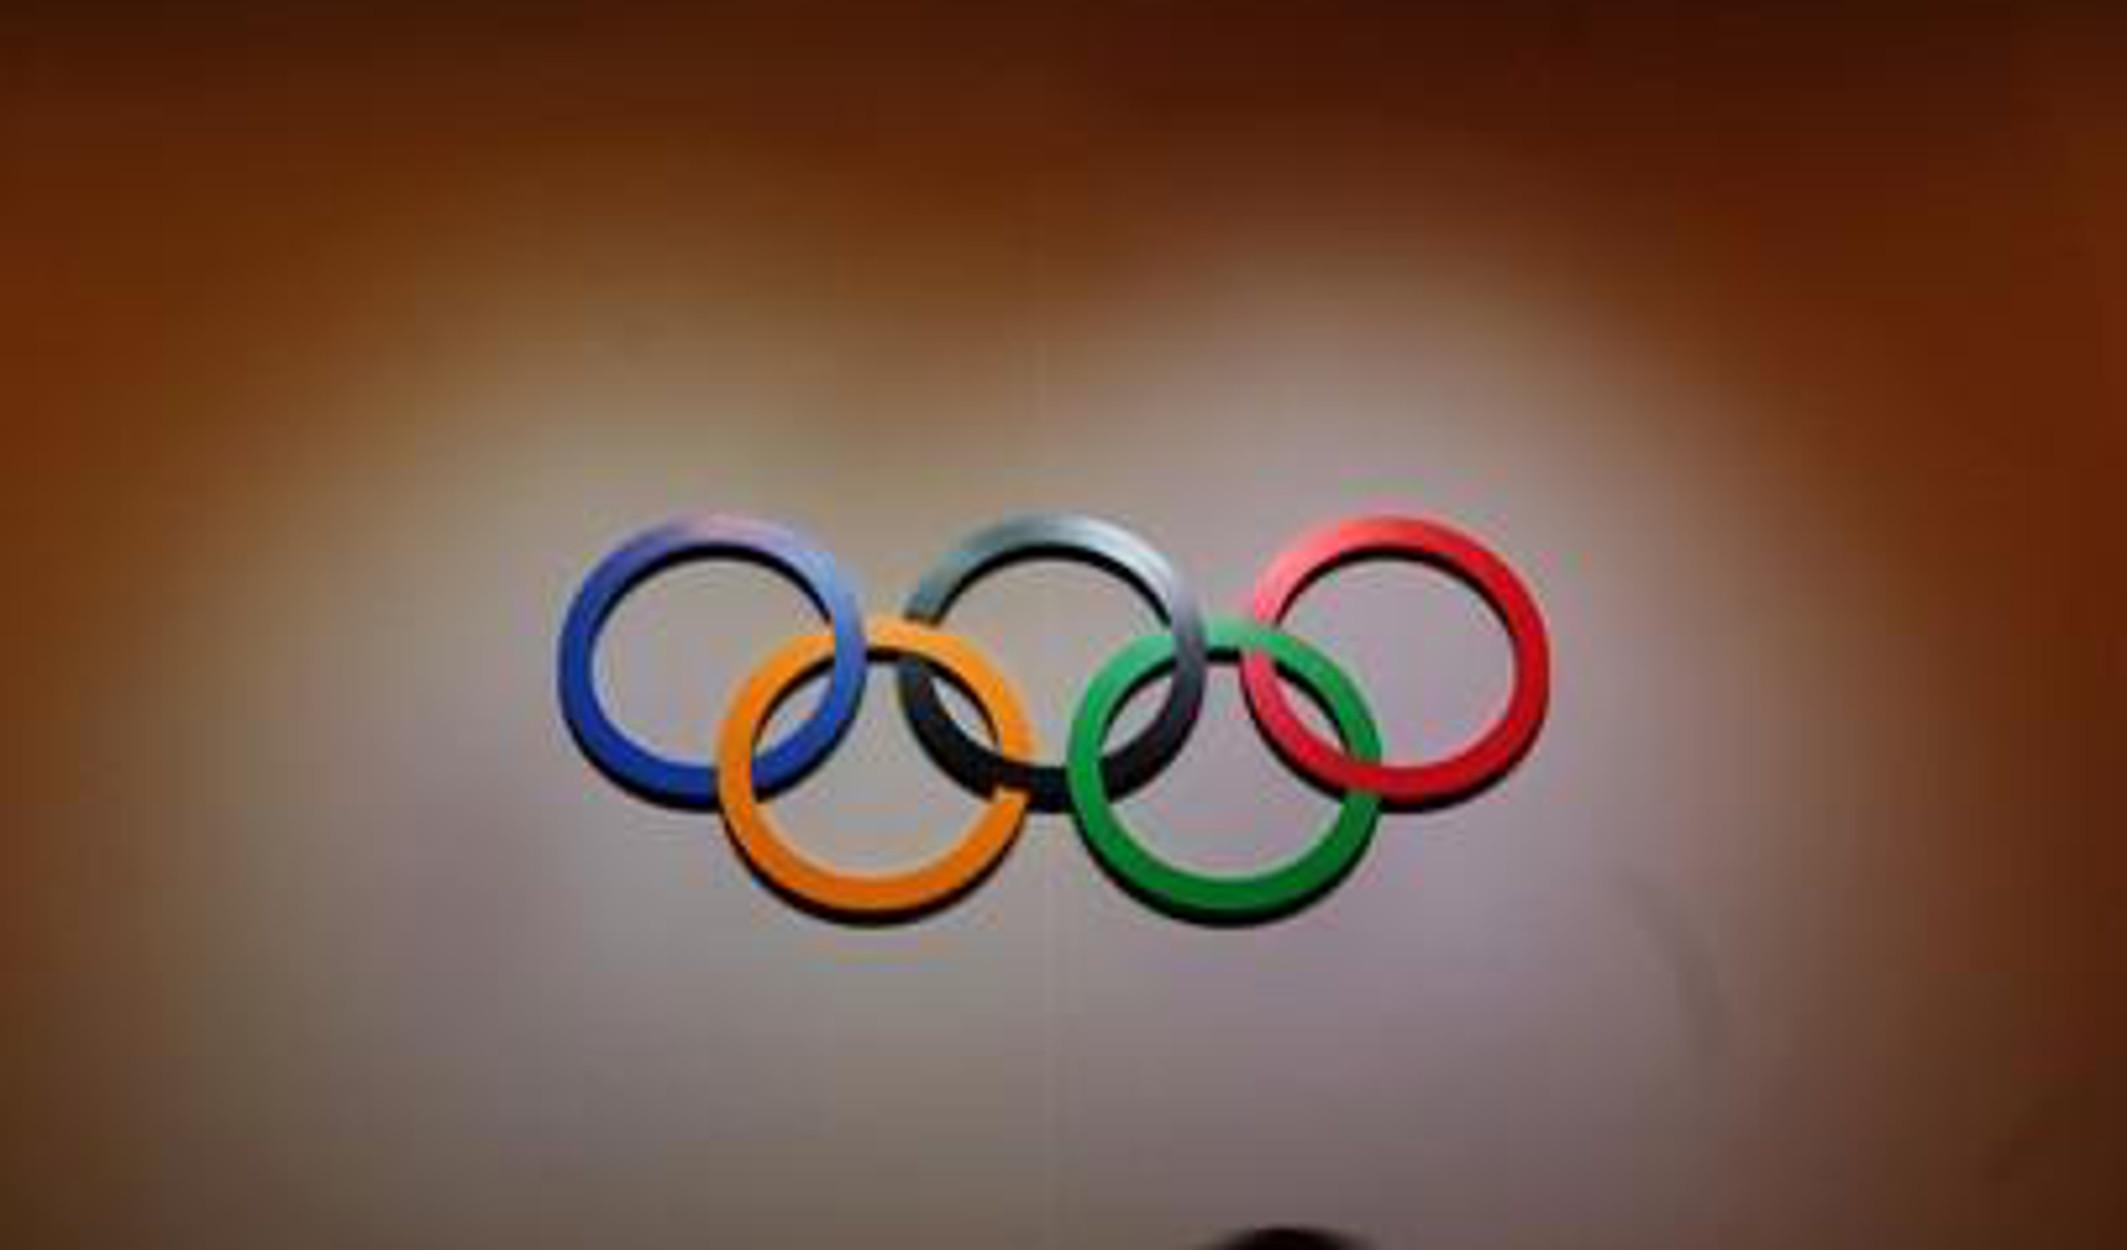 Θρήνος! Πέθανε ξαφνικά Ολυμπιονίκης